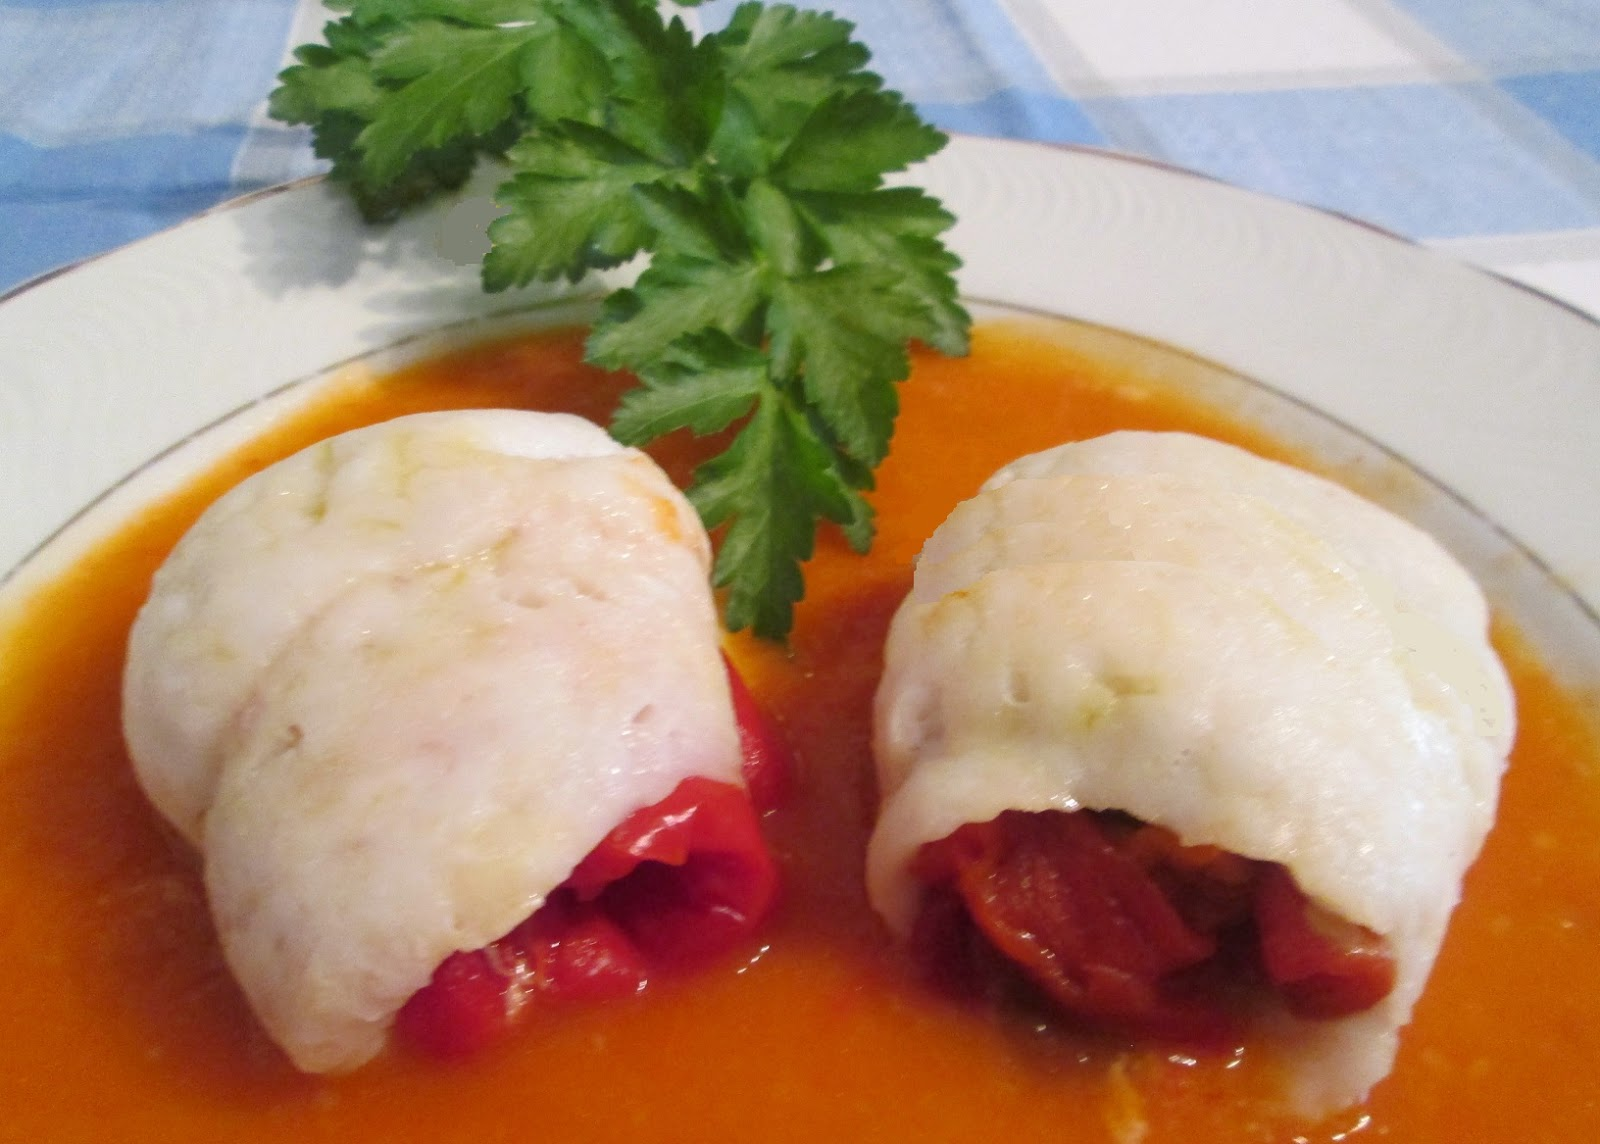 Cocinar no es dif cil pru balo rollitos de merluza en for Cocinar filetes de merluza